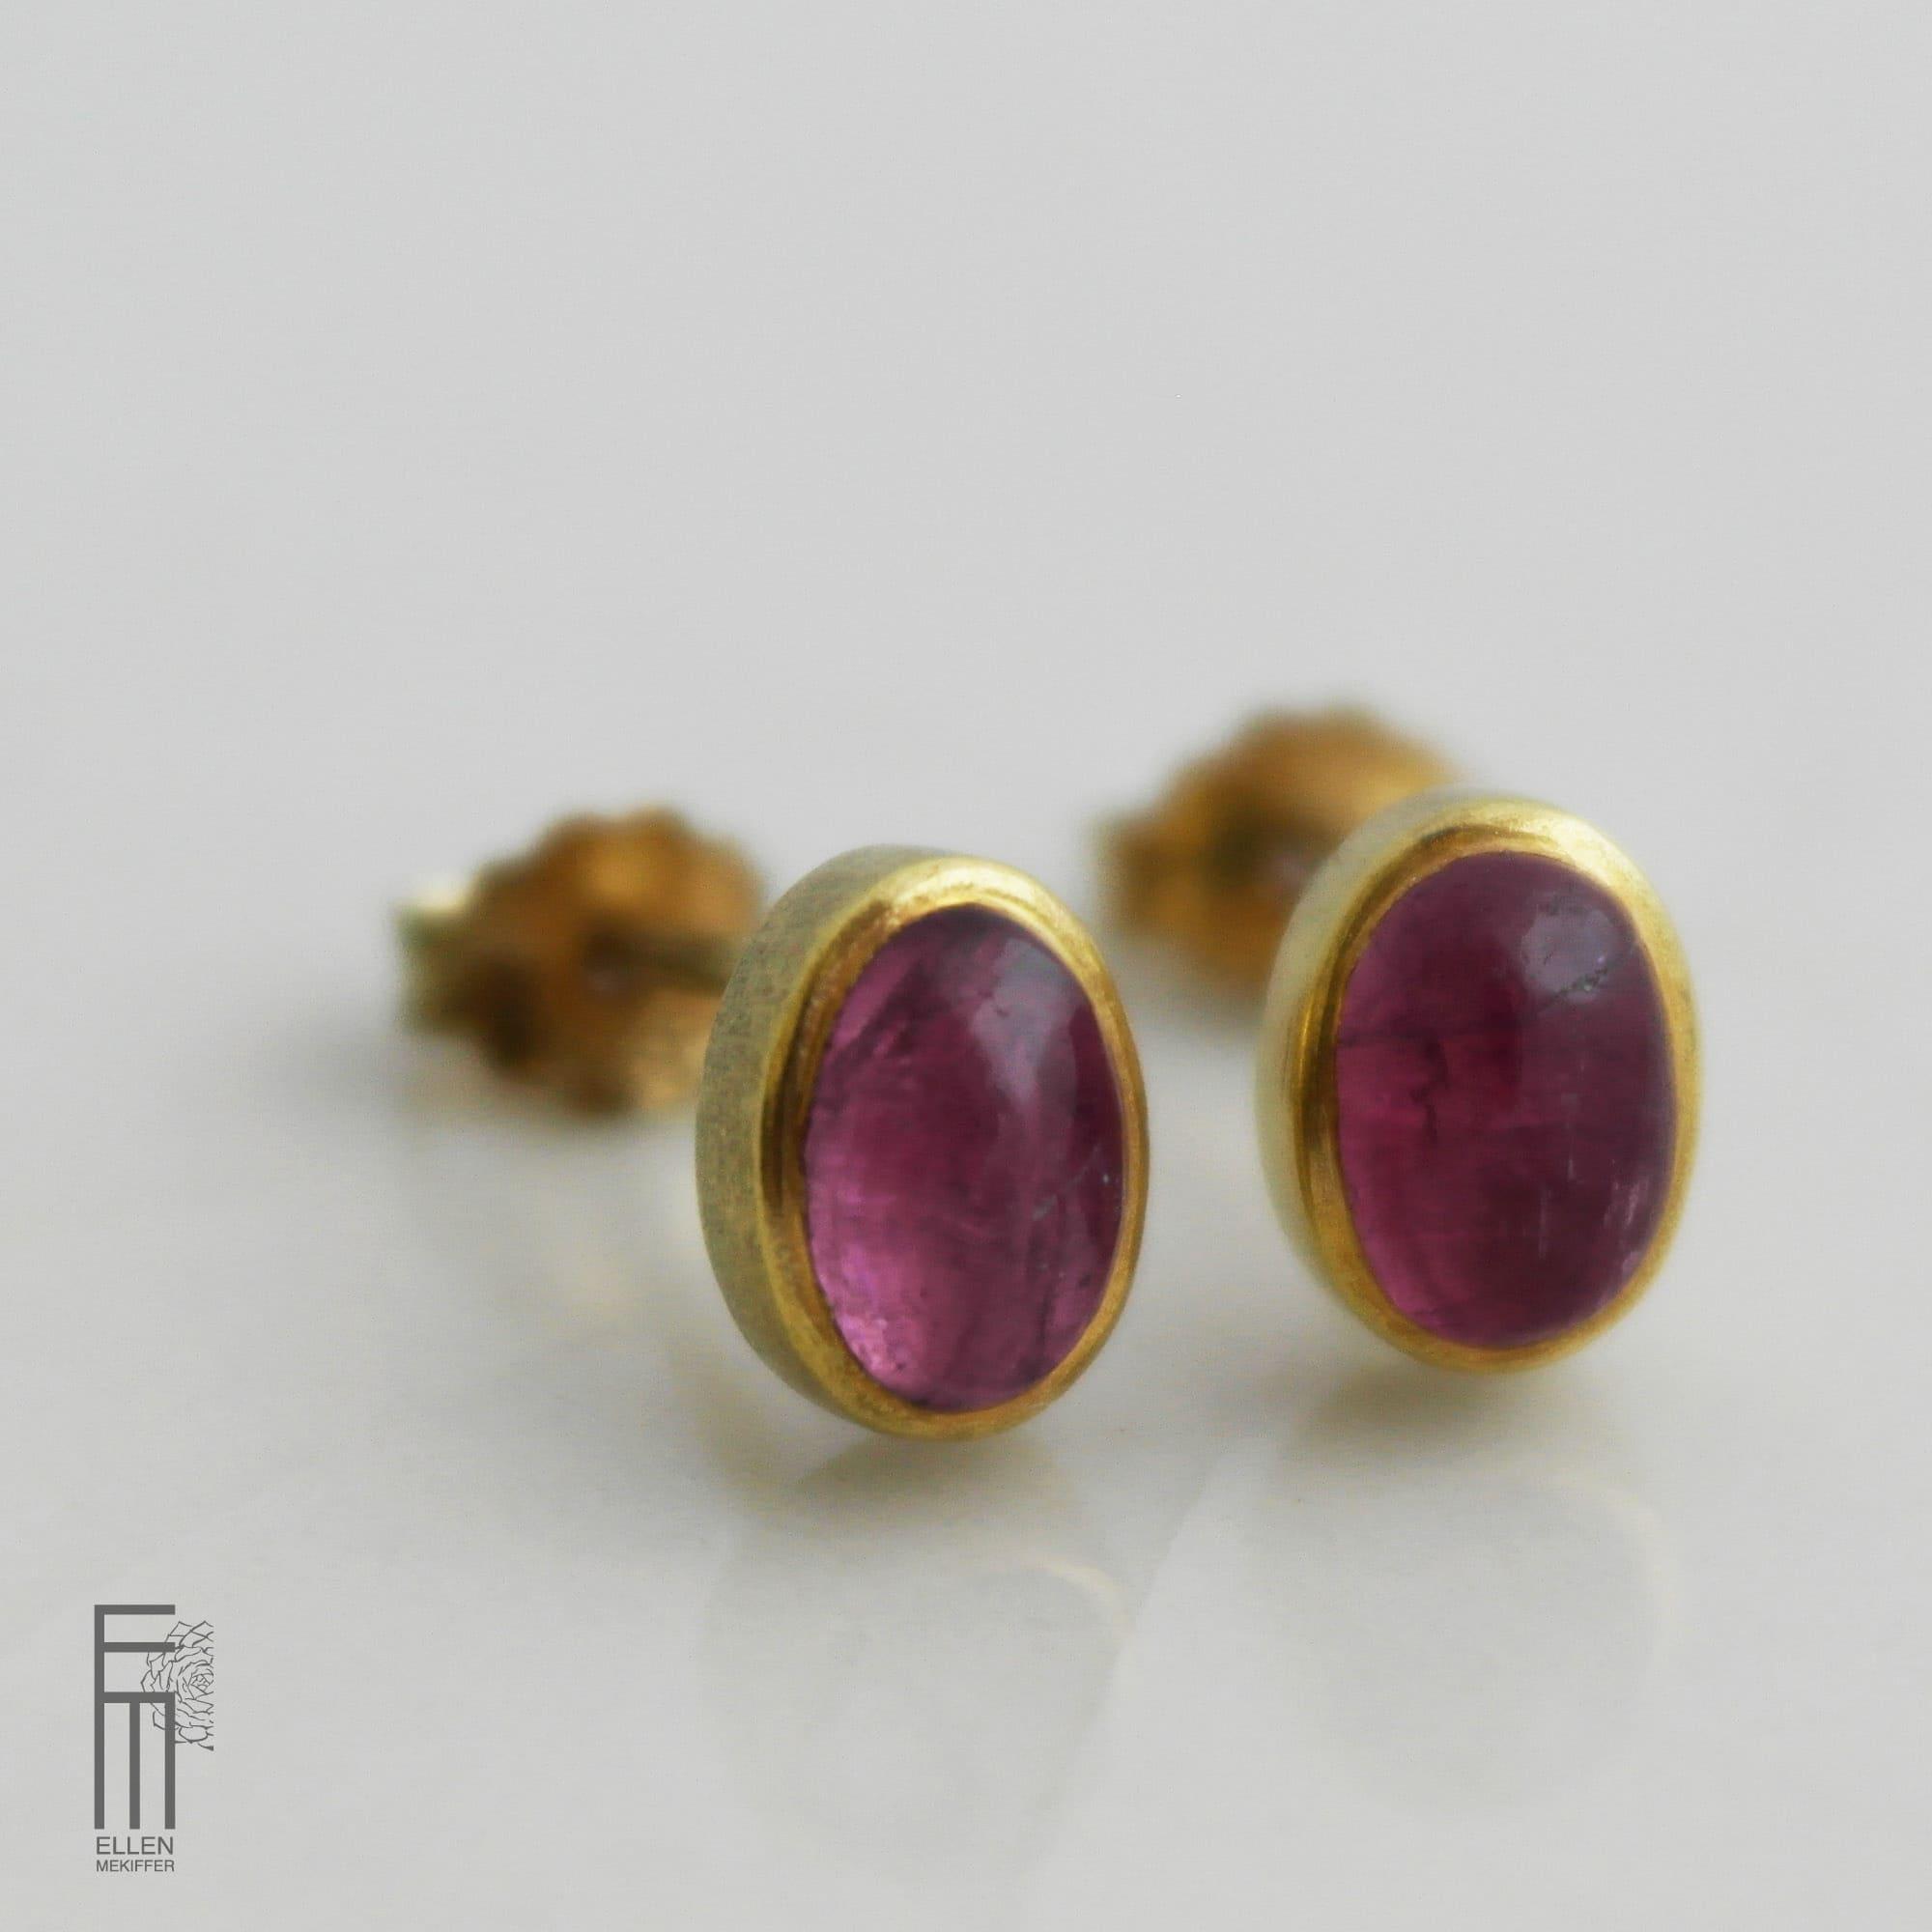 pendientes de botón de oro y turmalina para mujer, pendientes con piedra turmalina, pendientes para regalar pareja, pendientes para vestido, joyas para regalar, ellen mekiffer sevilla, joyasmarket